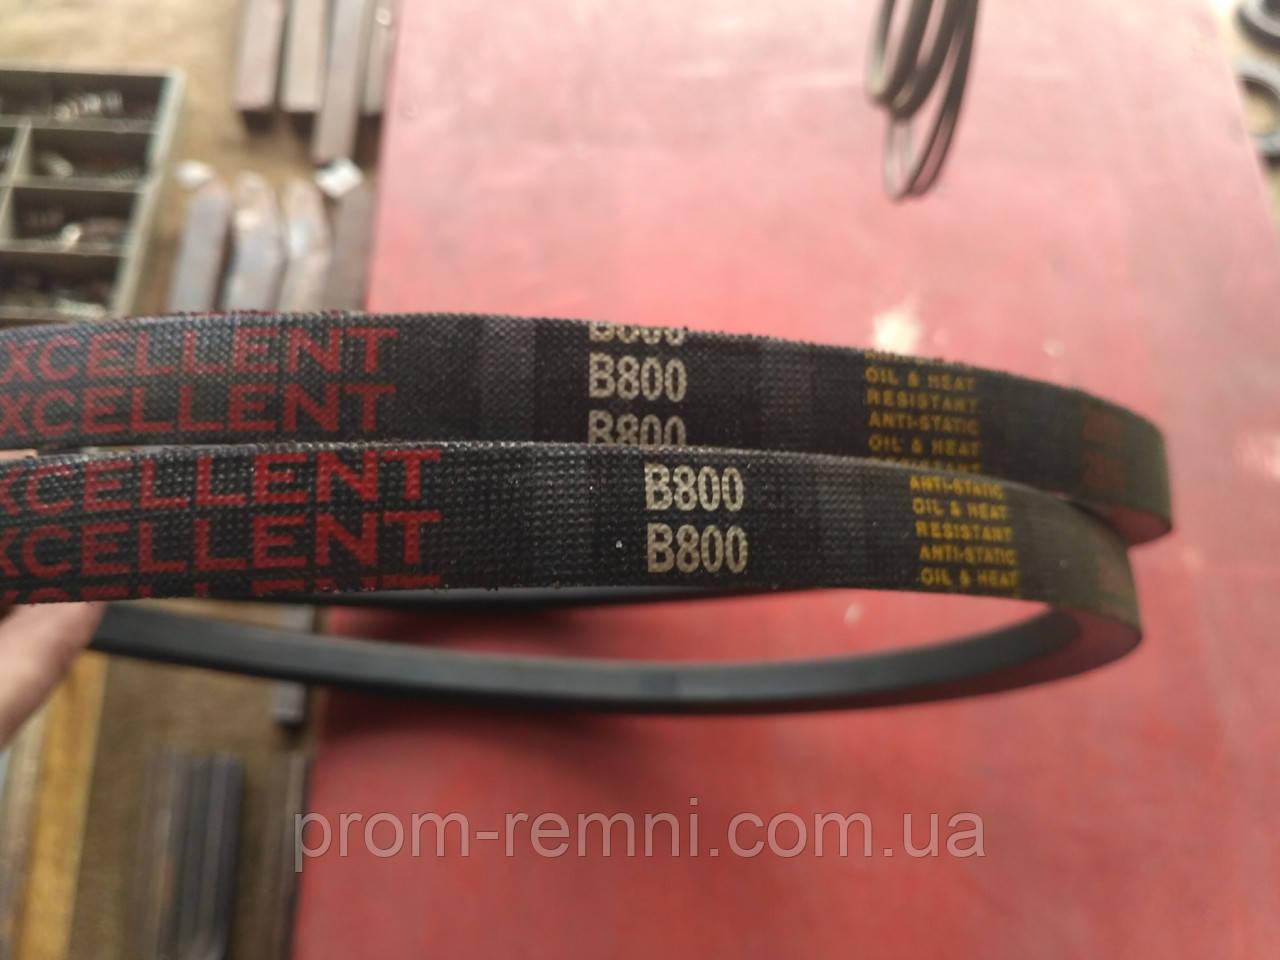 Приводний ремінь 800 мм, B(Б)-800 Excellent